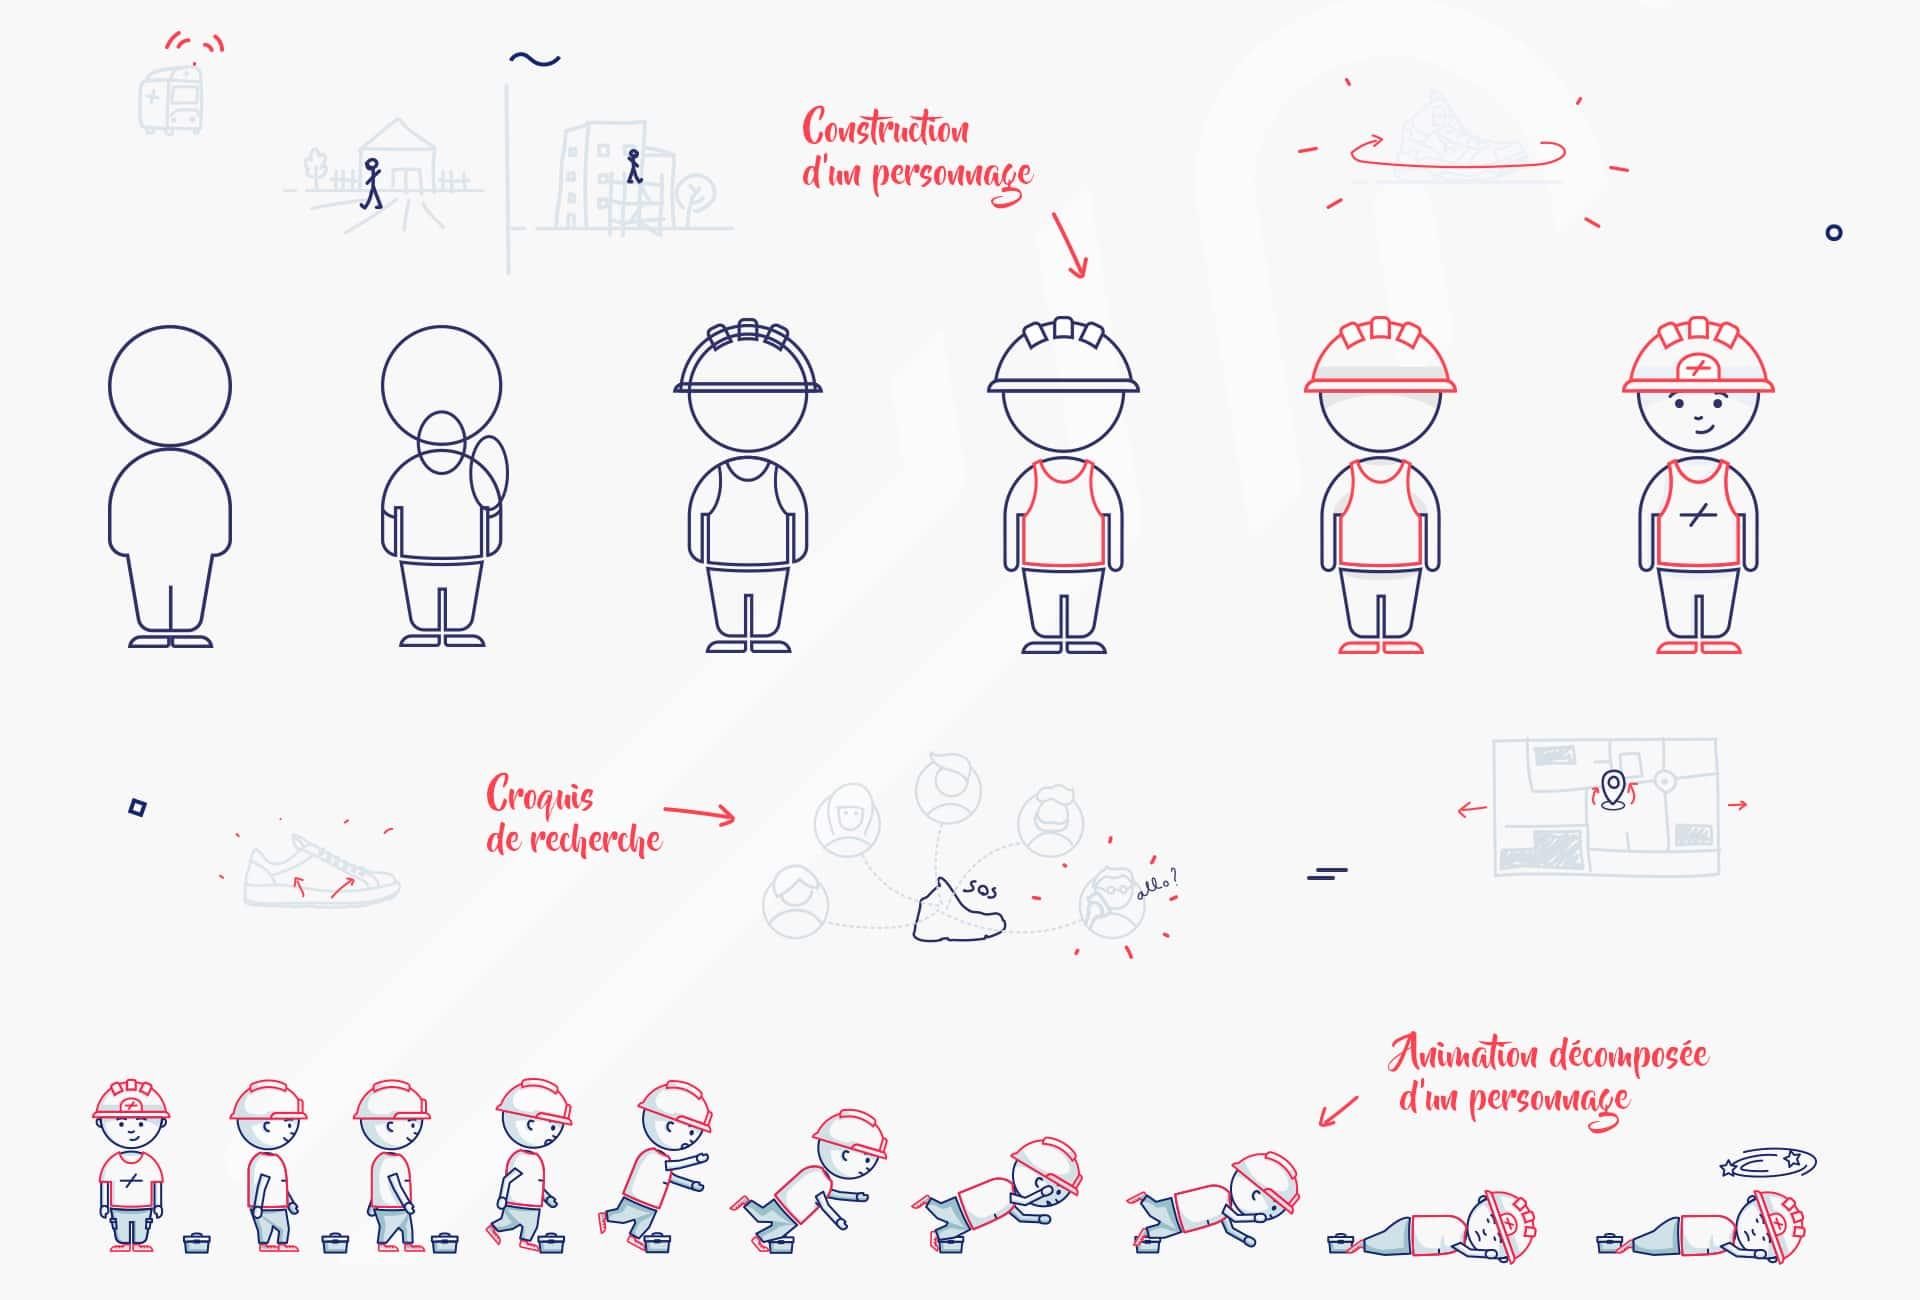 Croquis, construction et animation d'un personne en vectoriel